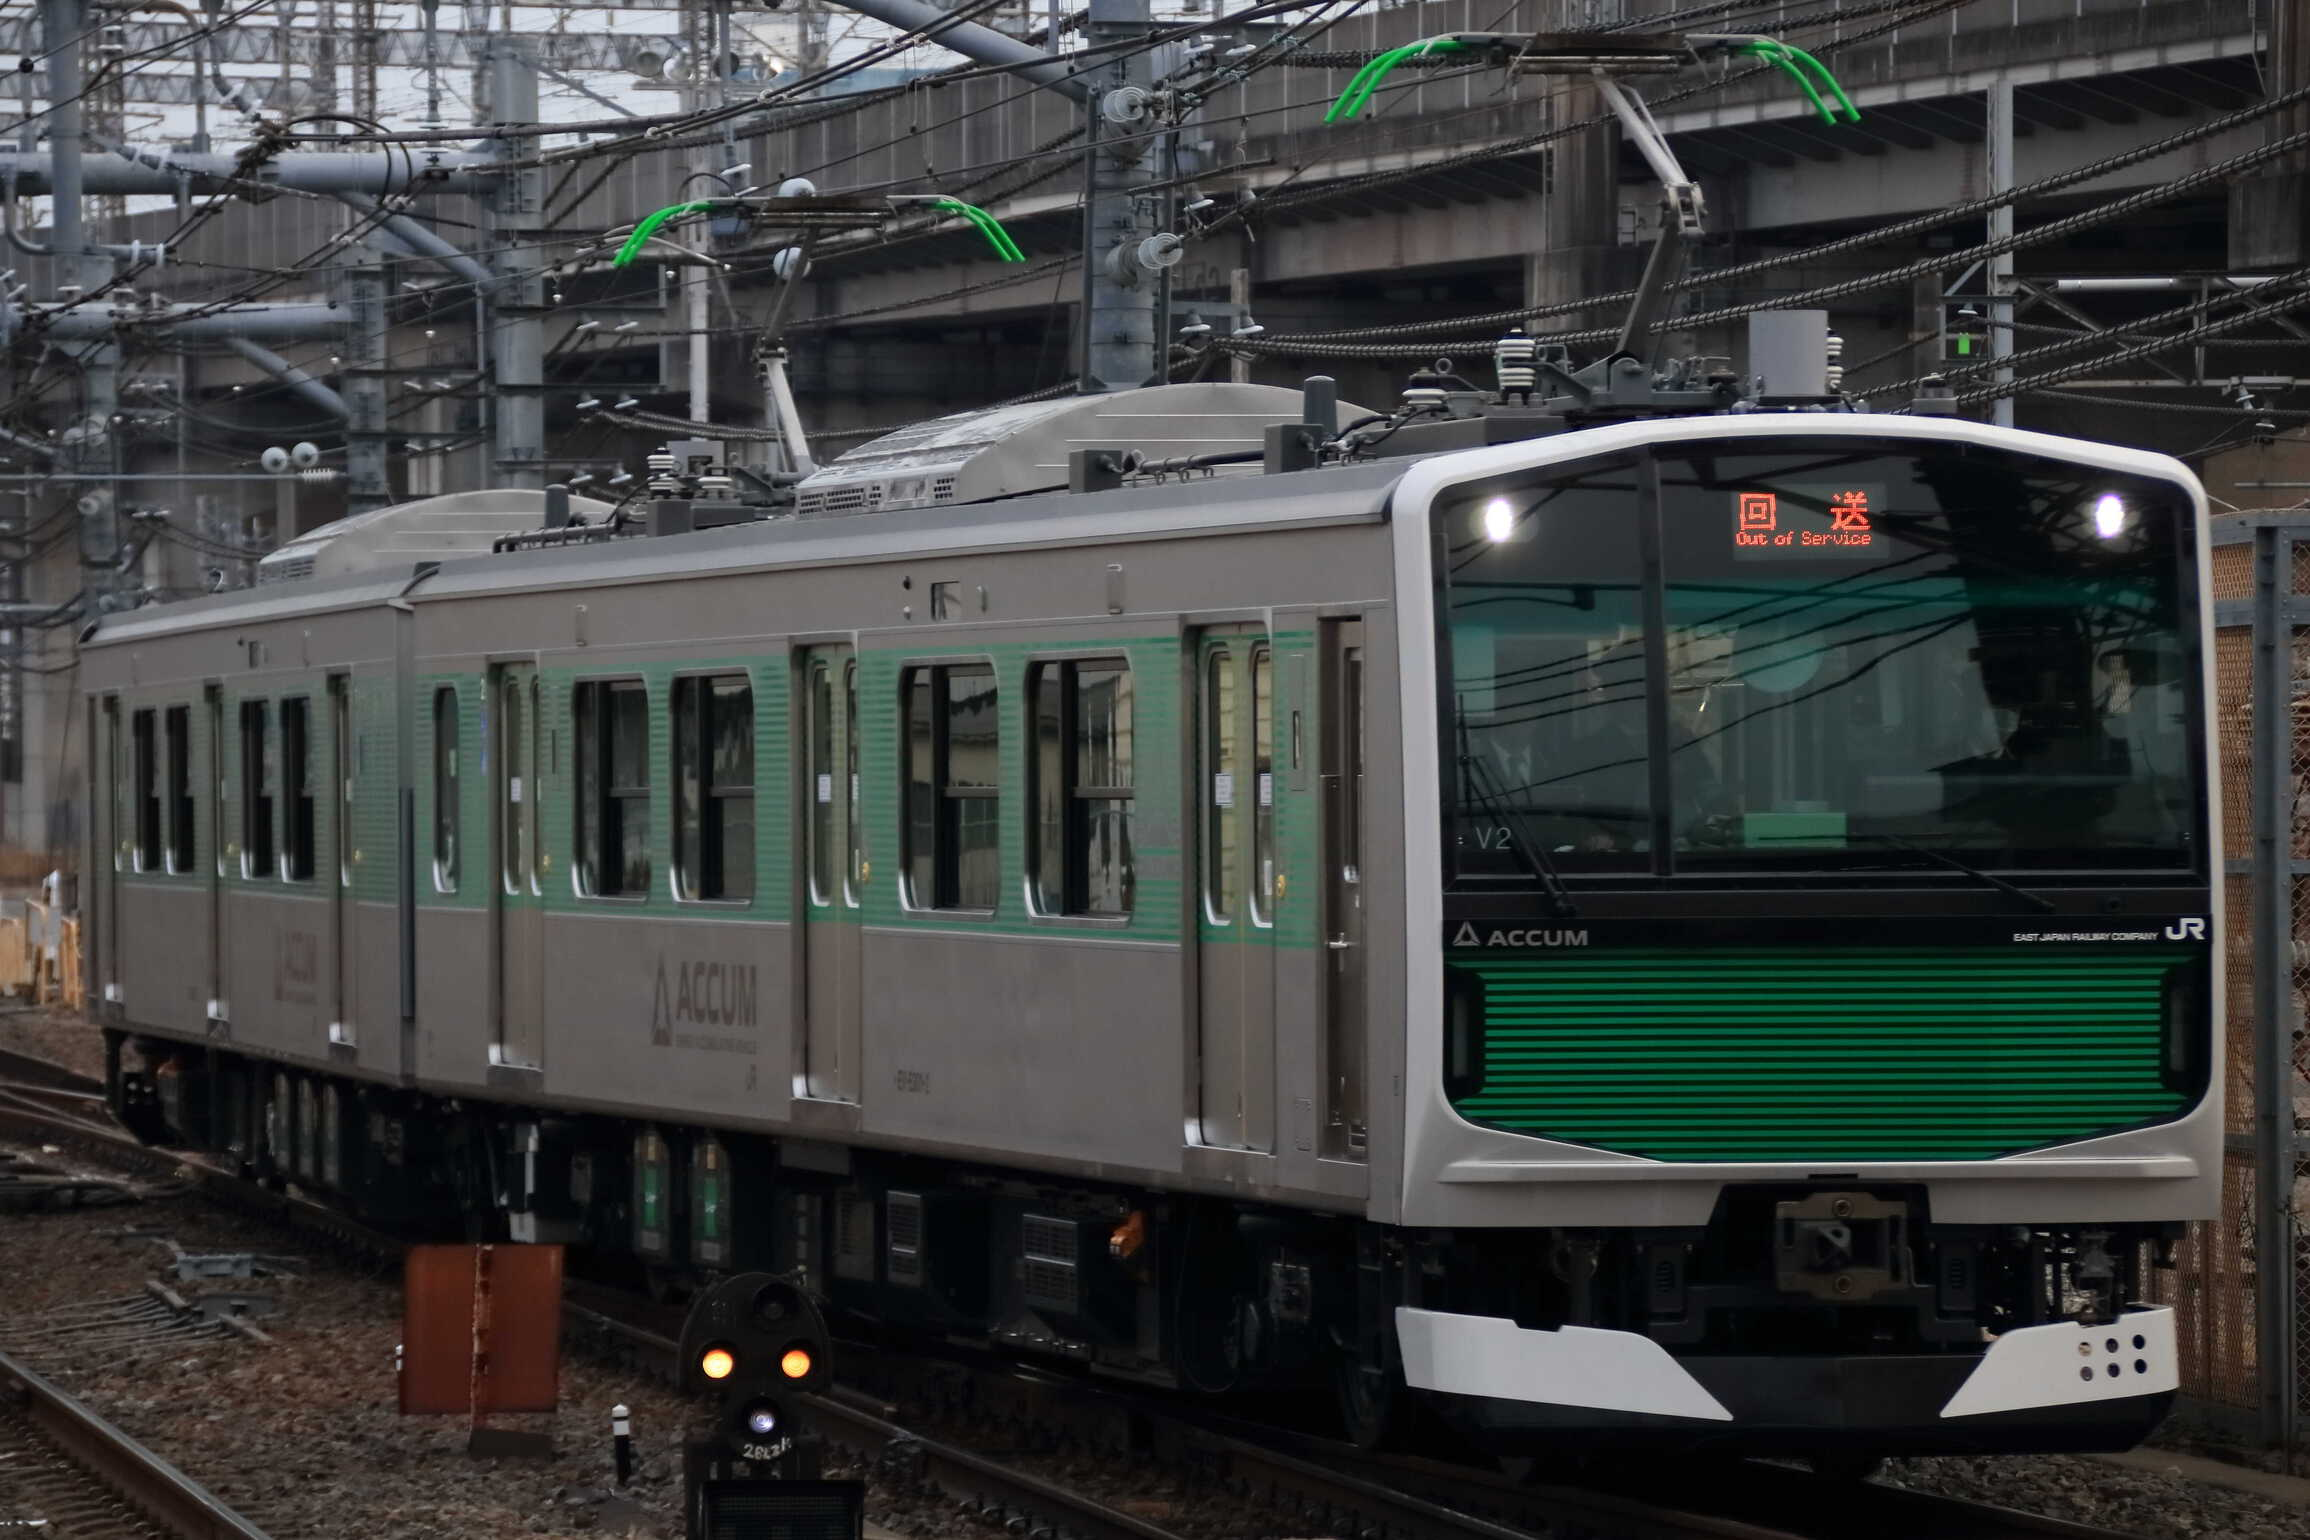 回9621M 上野駅での展示返却 EV-E301系 宮ヤマV2編成